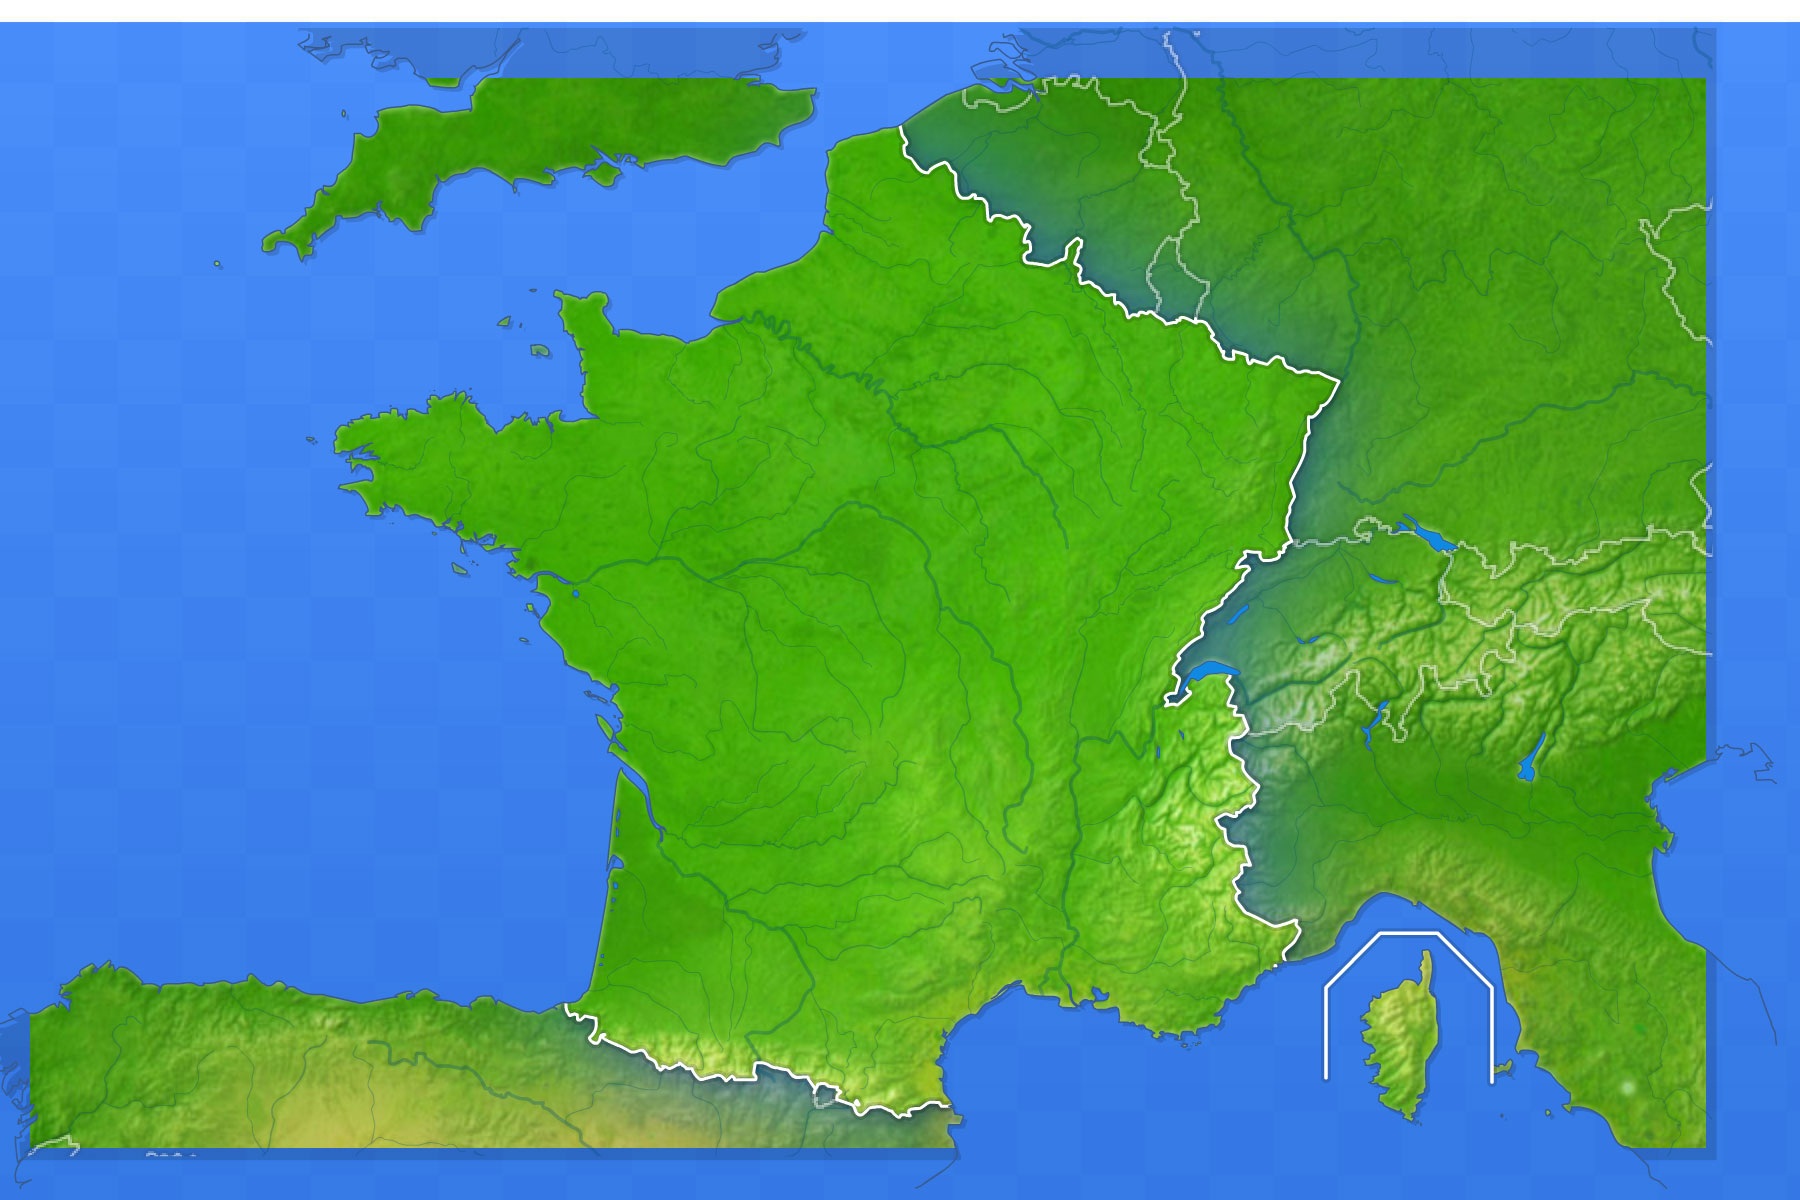 Jeux-Geographiques Jeux Gratuits Jeu Villes De France pour Jeux De Geographie